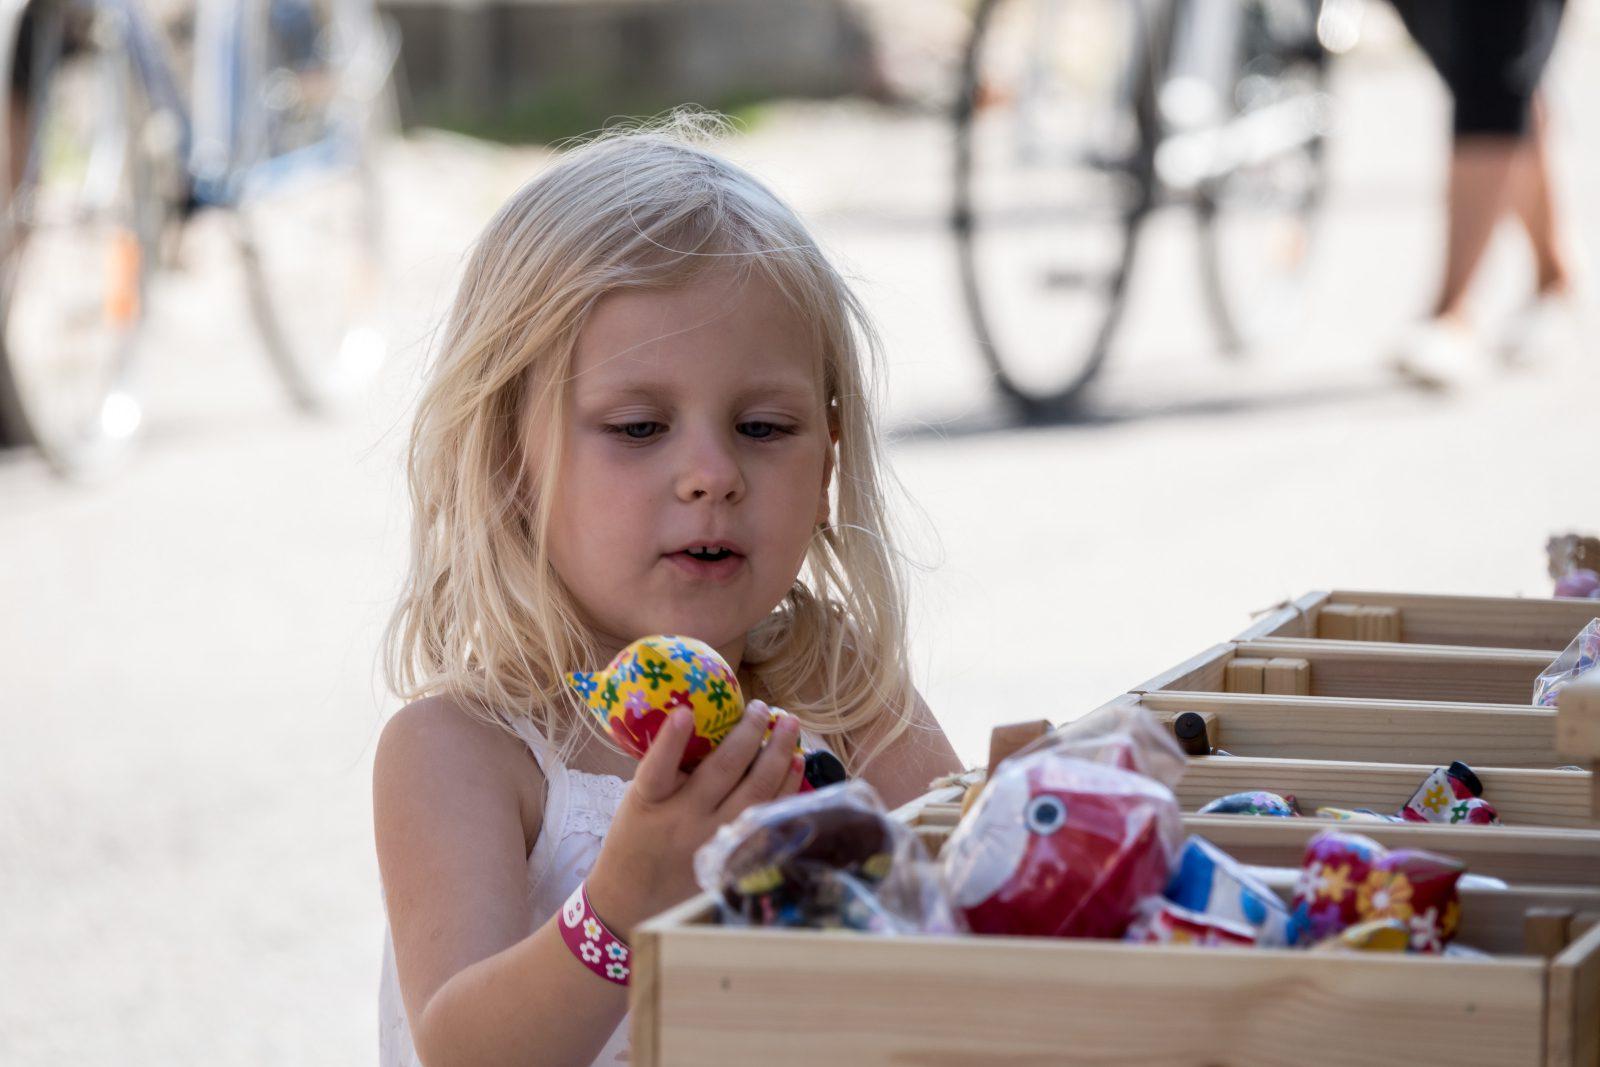 Vaaleahiuksinen tyttö pitää käsissään lelua, jonka on löytänyt myyntikojun laatikosta.